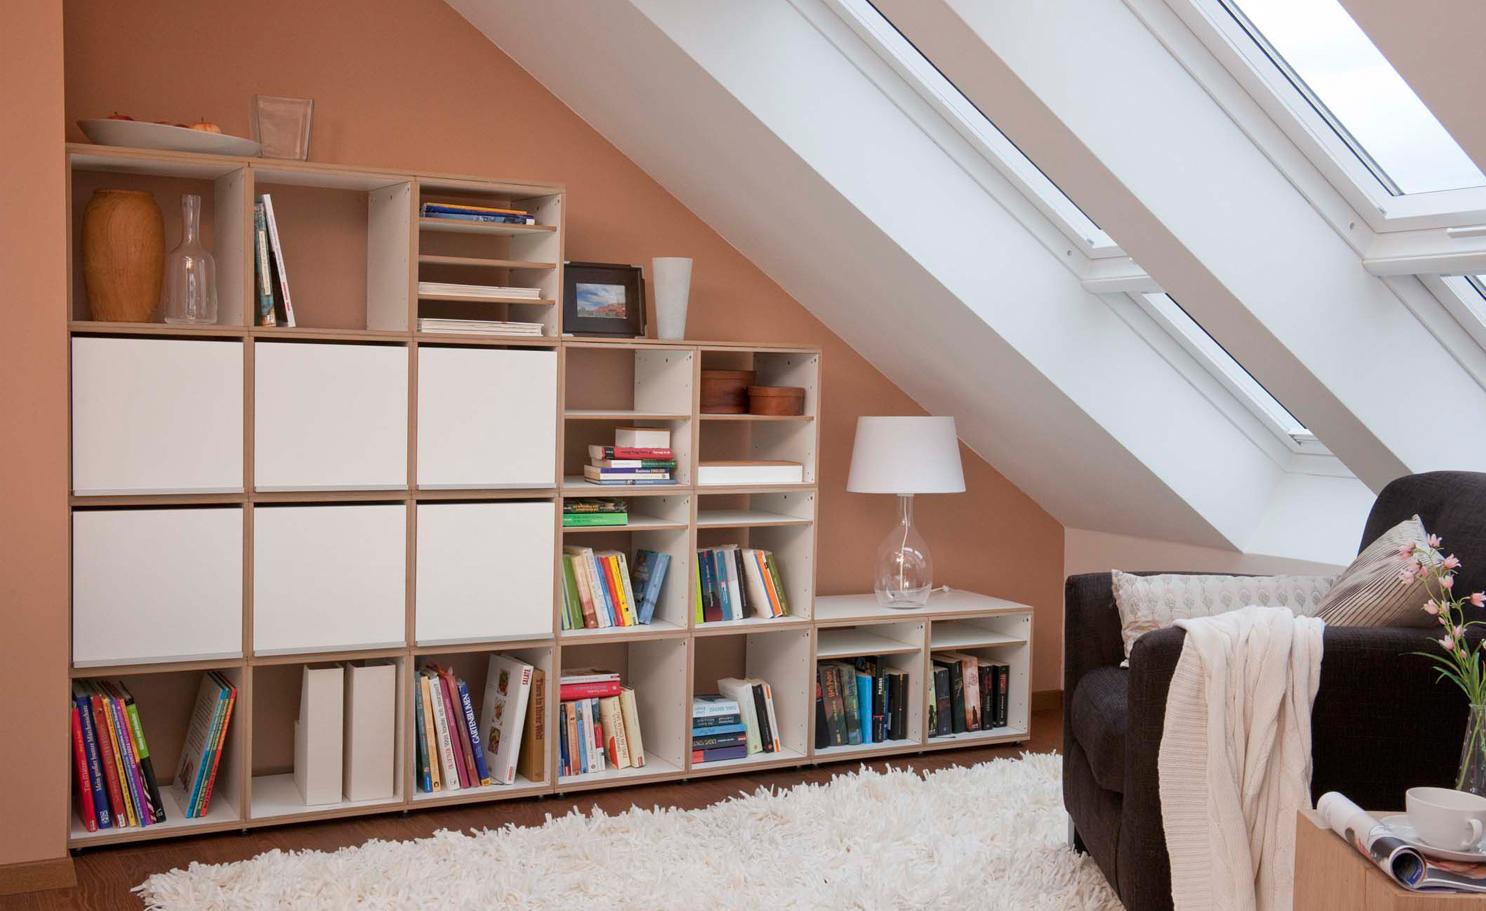 ... Zum Beispiel, Einen Couchtisch Wie Dies Mit Extra Viel Platz Für Die  Lagerung Der Bücher. Sie Können Auch In Einem Futon Oder Sofa Investieren,  ...